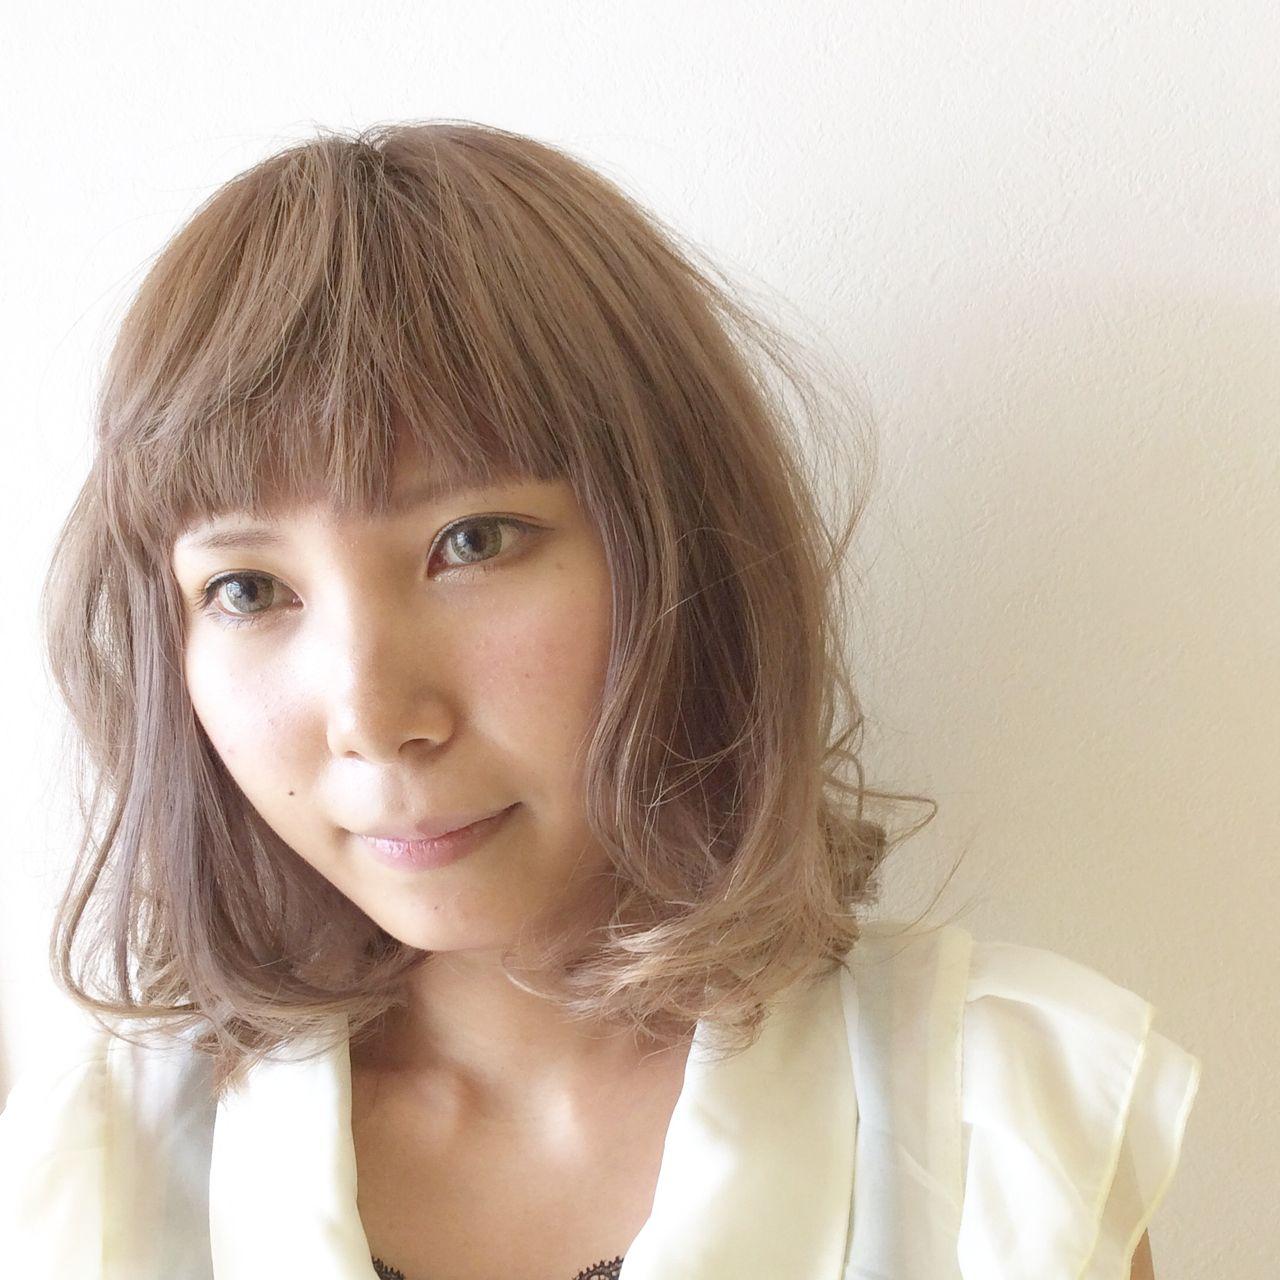 大人かわいい ハイトーン ナチュラル ダブルカラー ヘアスタイルや髪型の写真・画像 | 長瀧真梨恵 / cecica noi